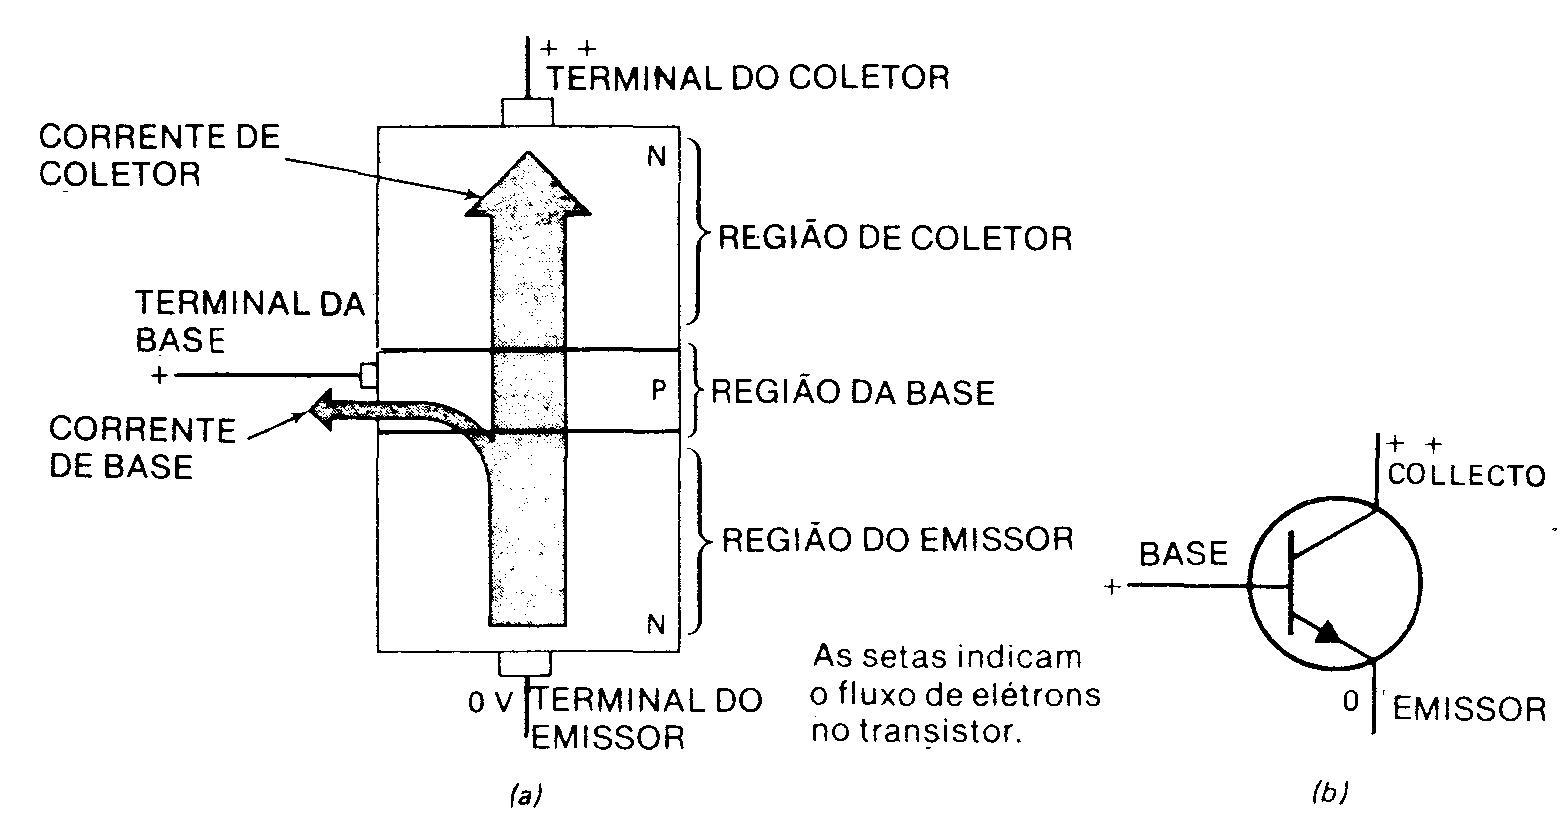 Esta corrente externa é sempreconsiderada uma corrente de elétrons. Pode-se  ver na Figura que o transistor possui três seções que são chamadas emissor,  ... 3208222bd3